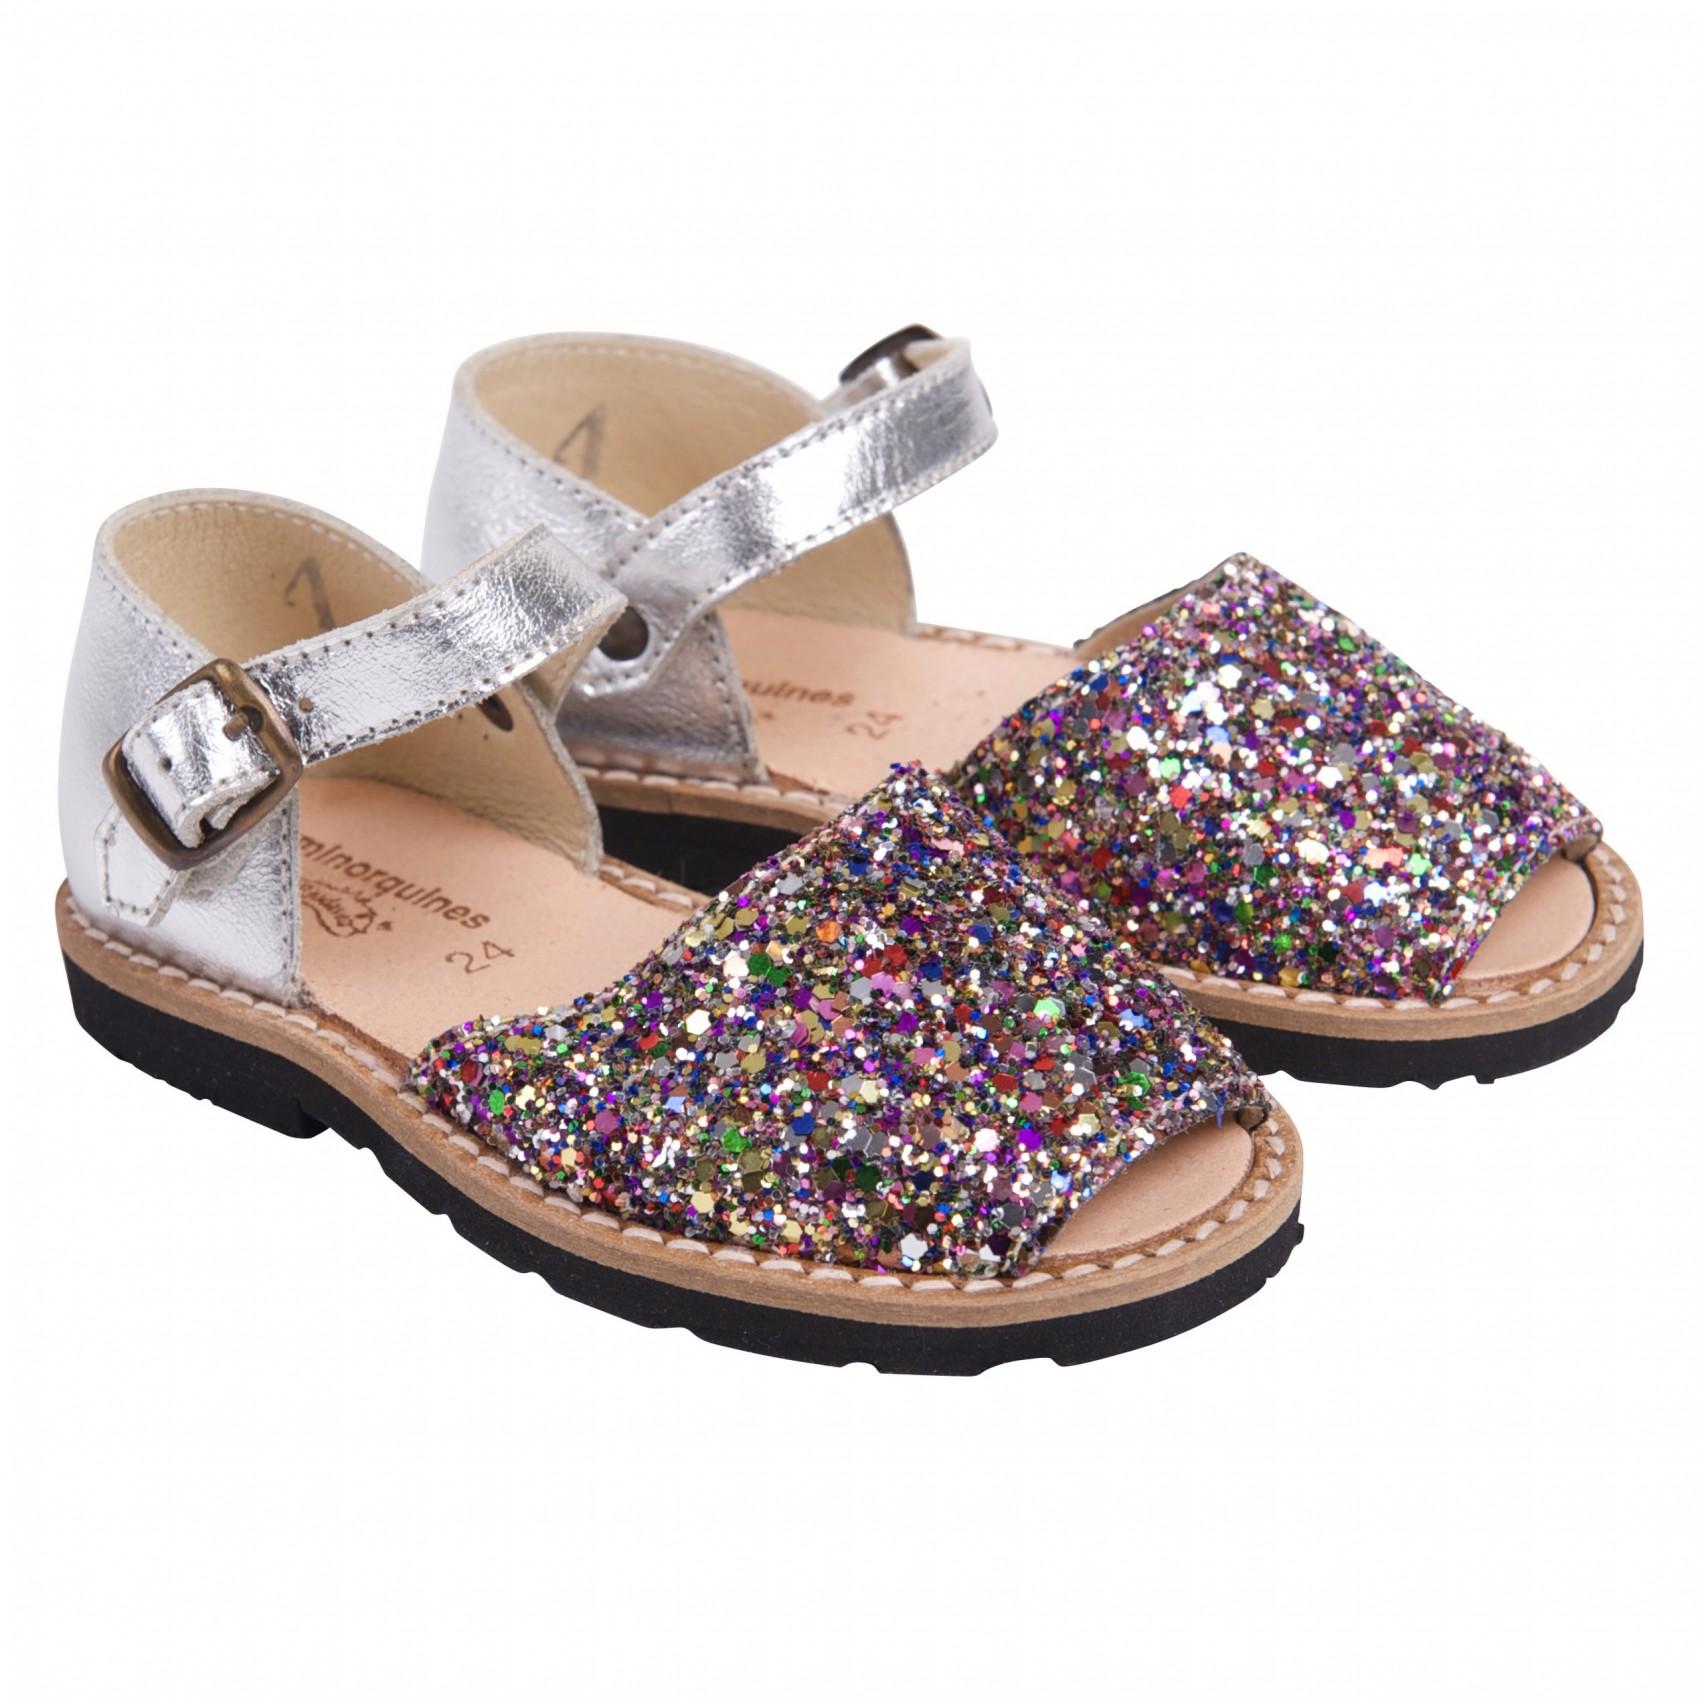 Sandales enfant argent à paillettes multicolores - Multicolore - 26 TO4oCMV9